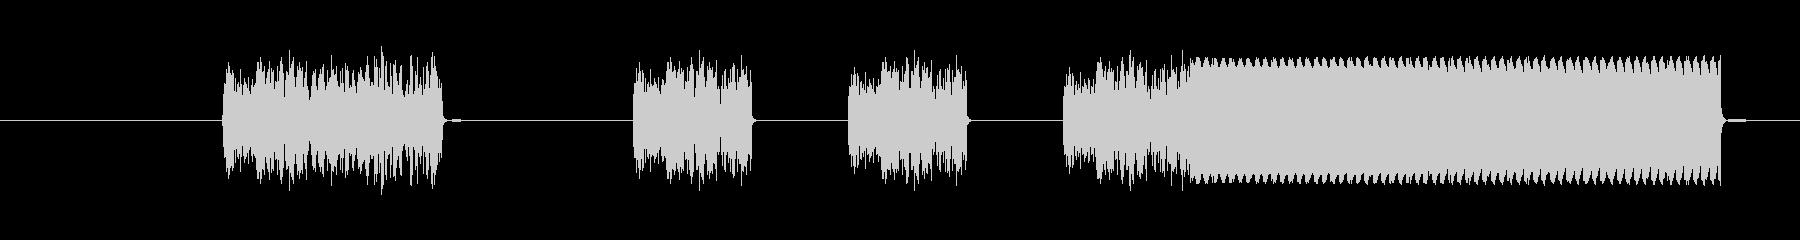 信号中断スイープ3の未再生の波形